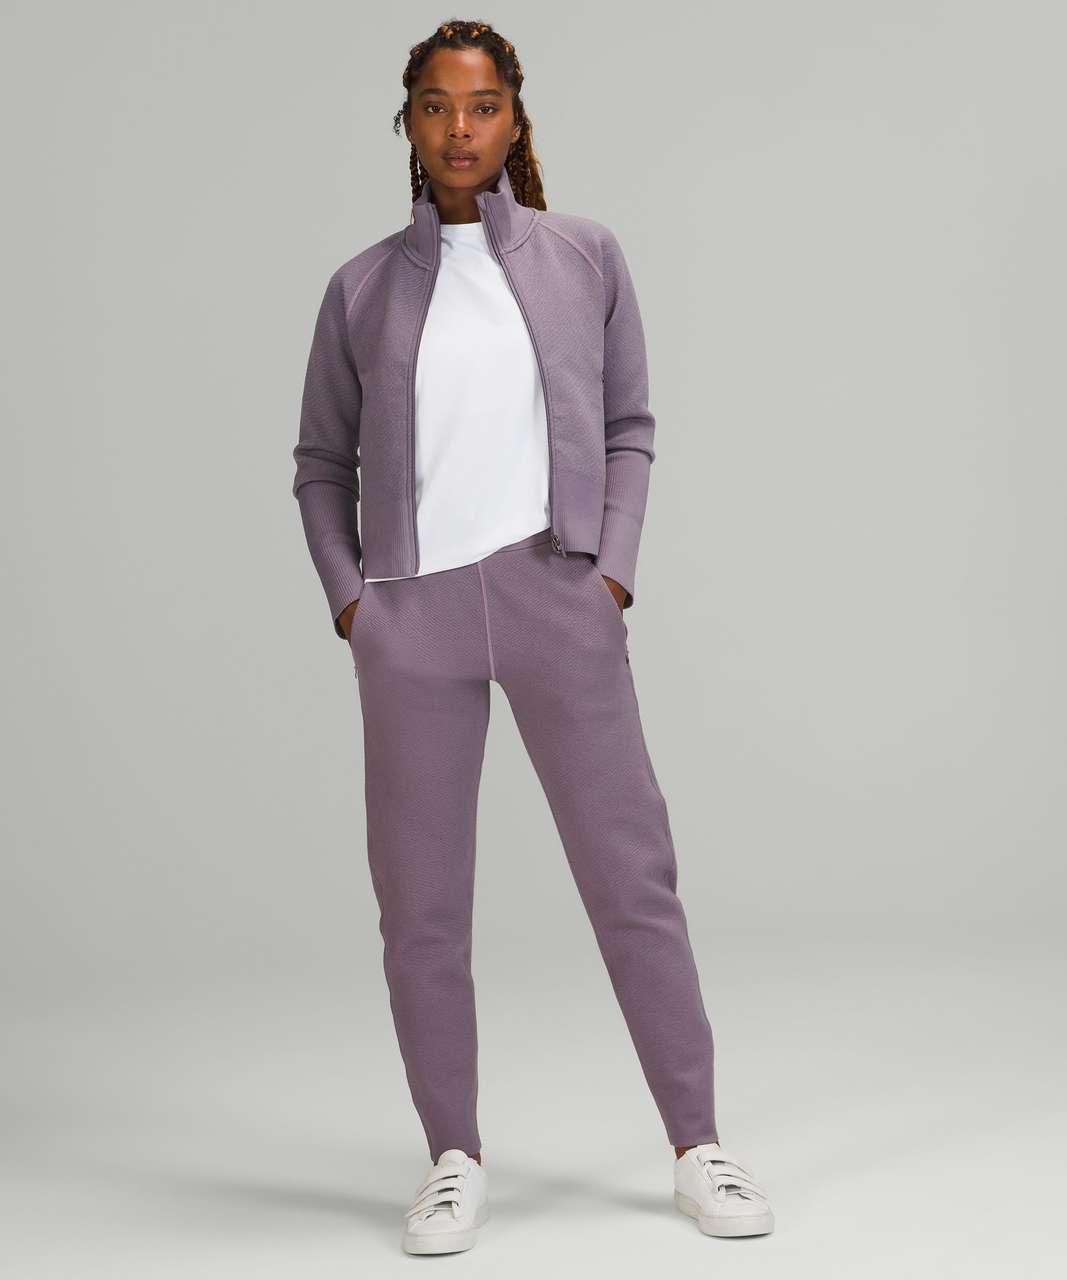 Lululemon End State Jogger - Dusky Lavender